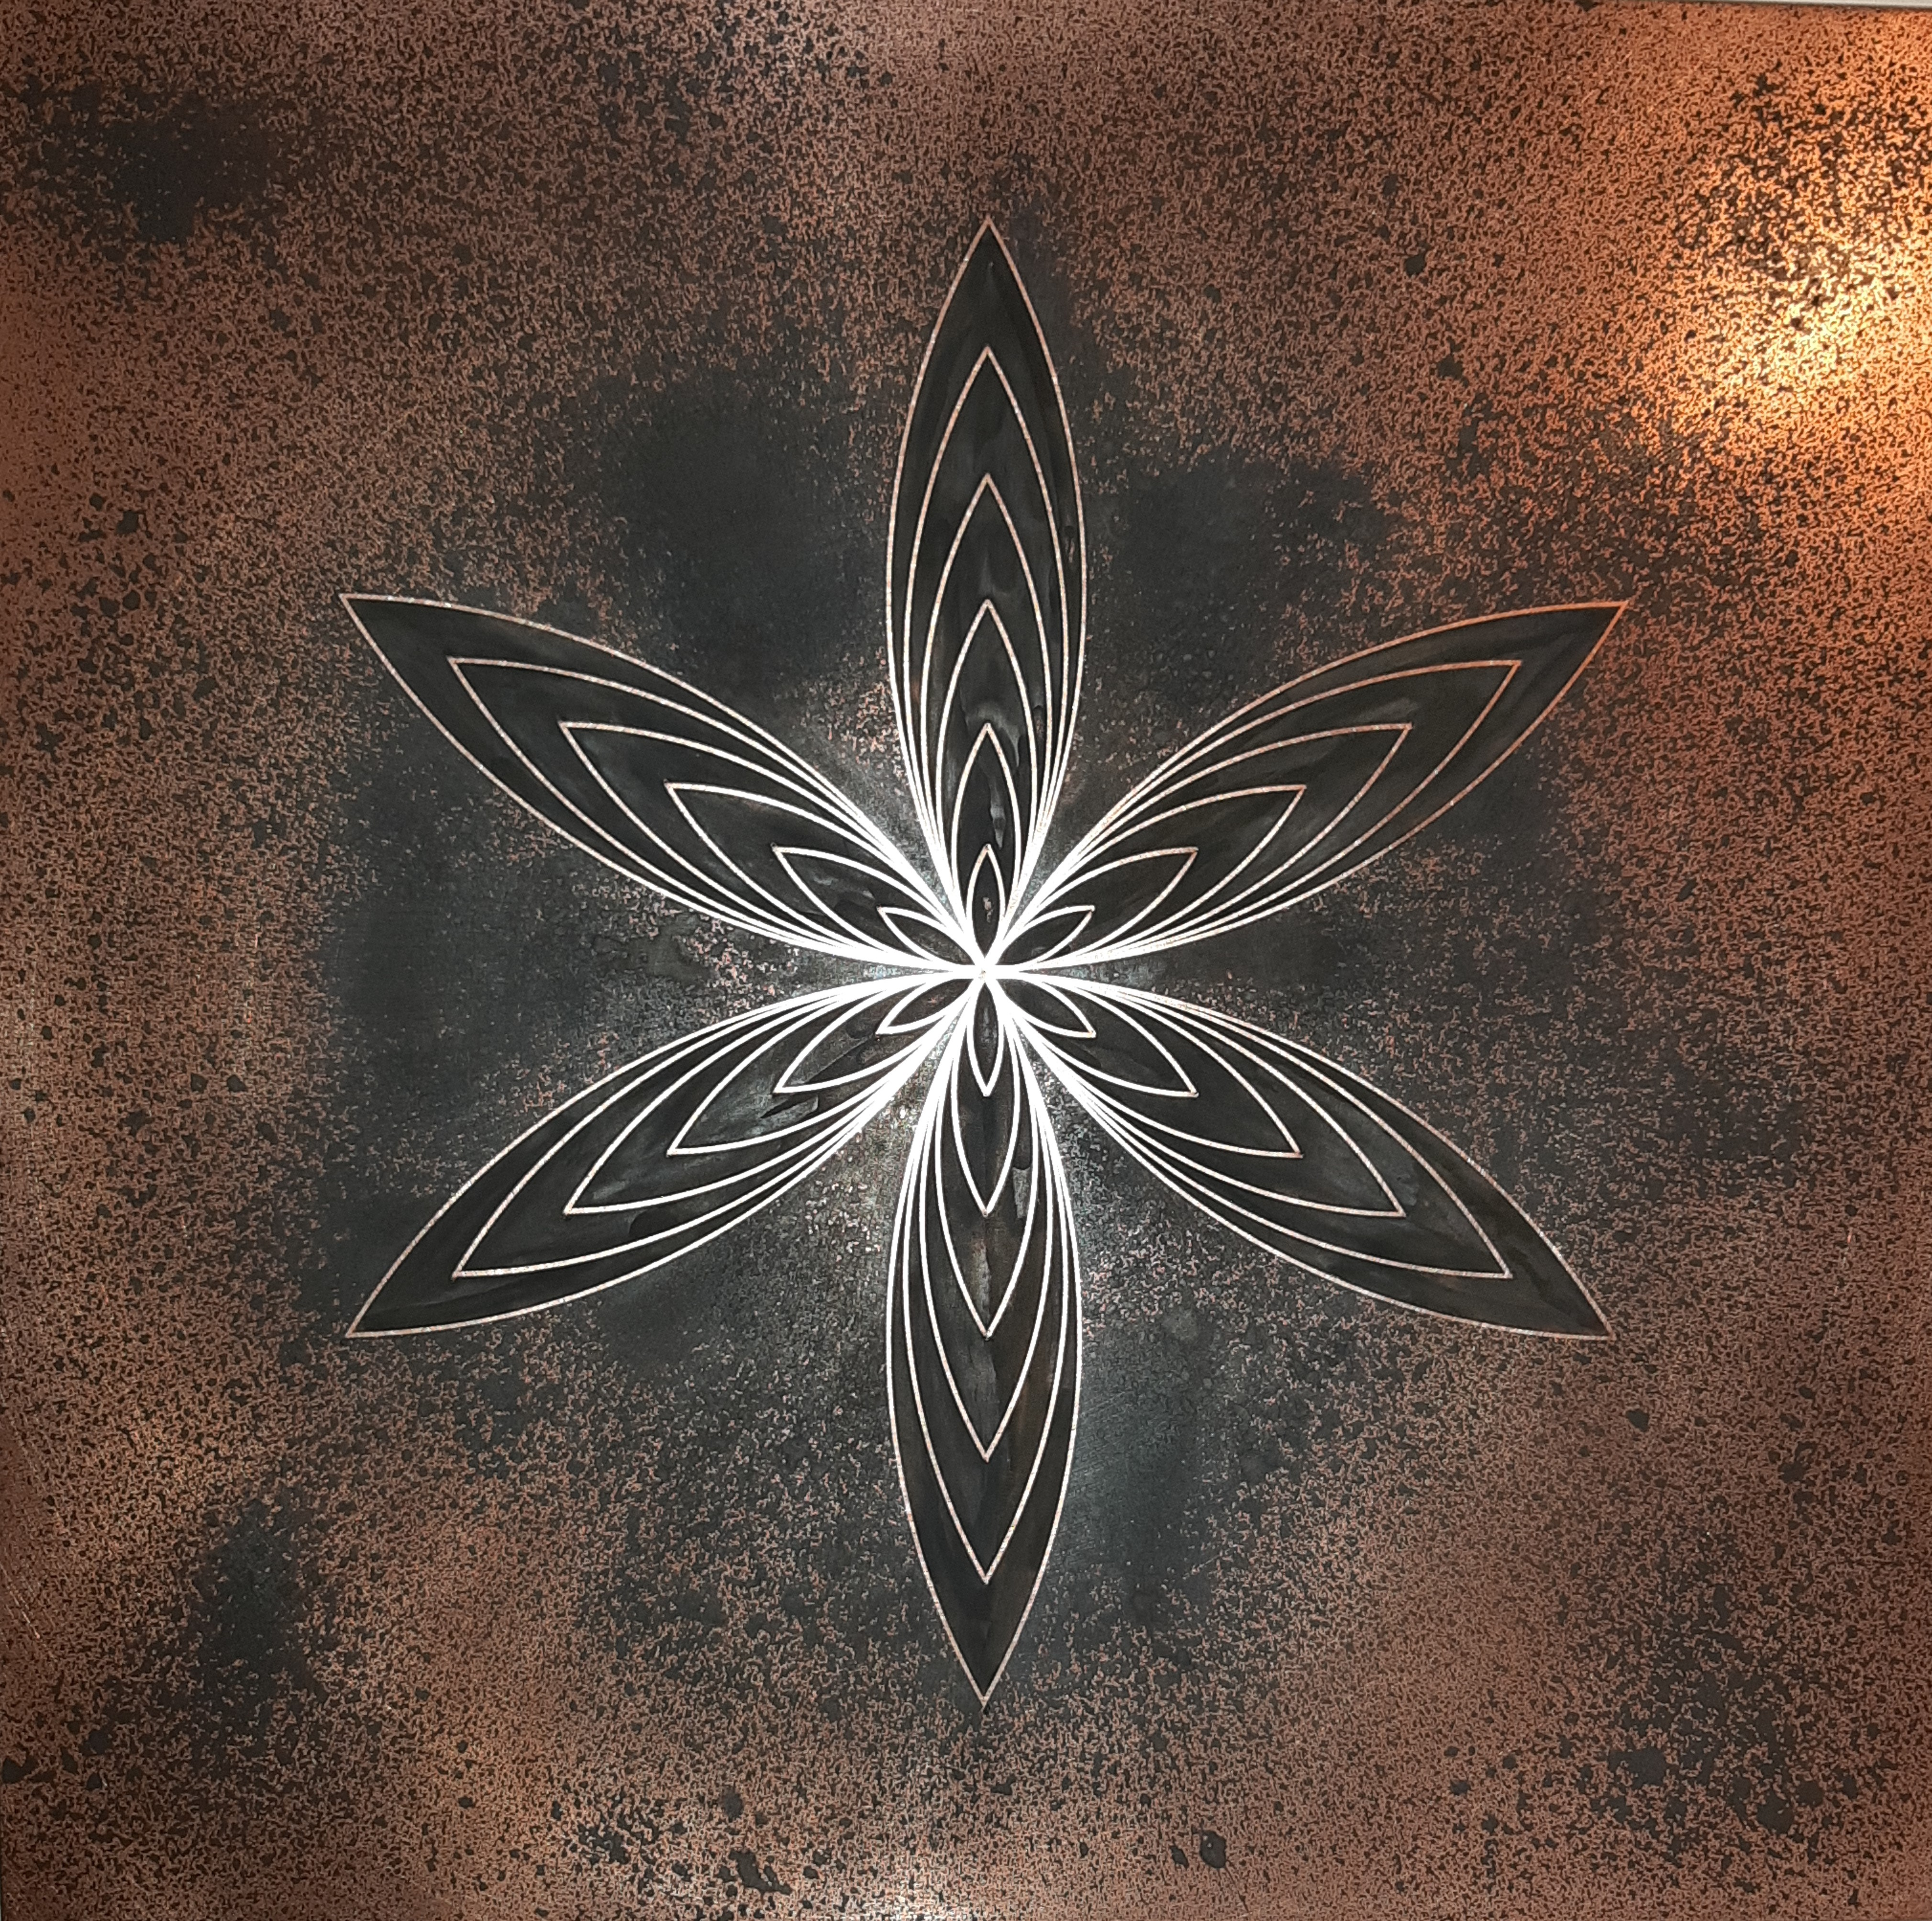 Tableau cuivre, tableau unique, naissance graine de vie